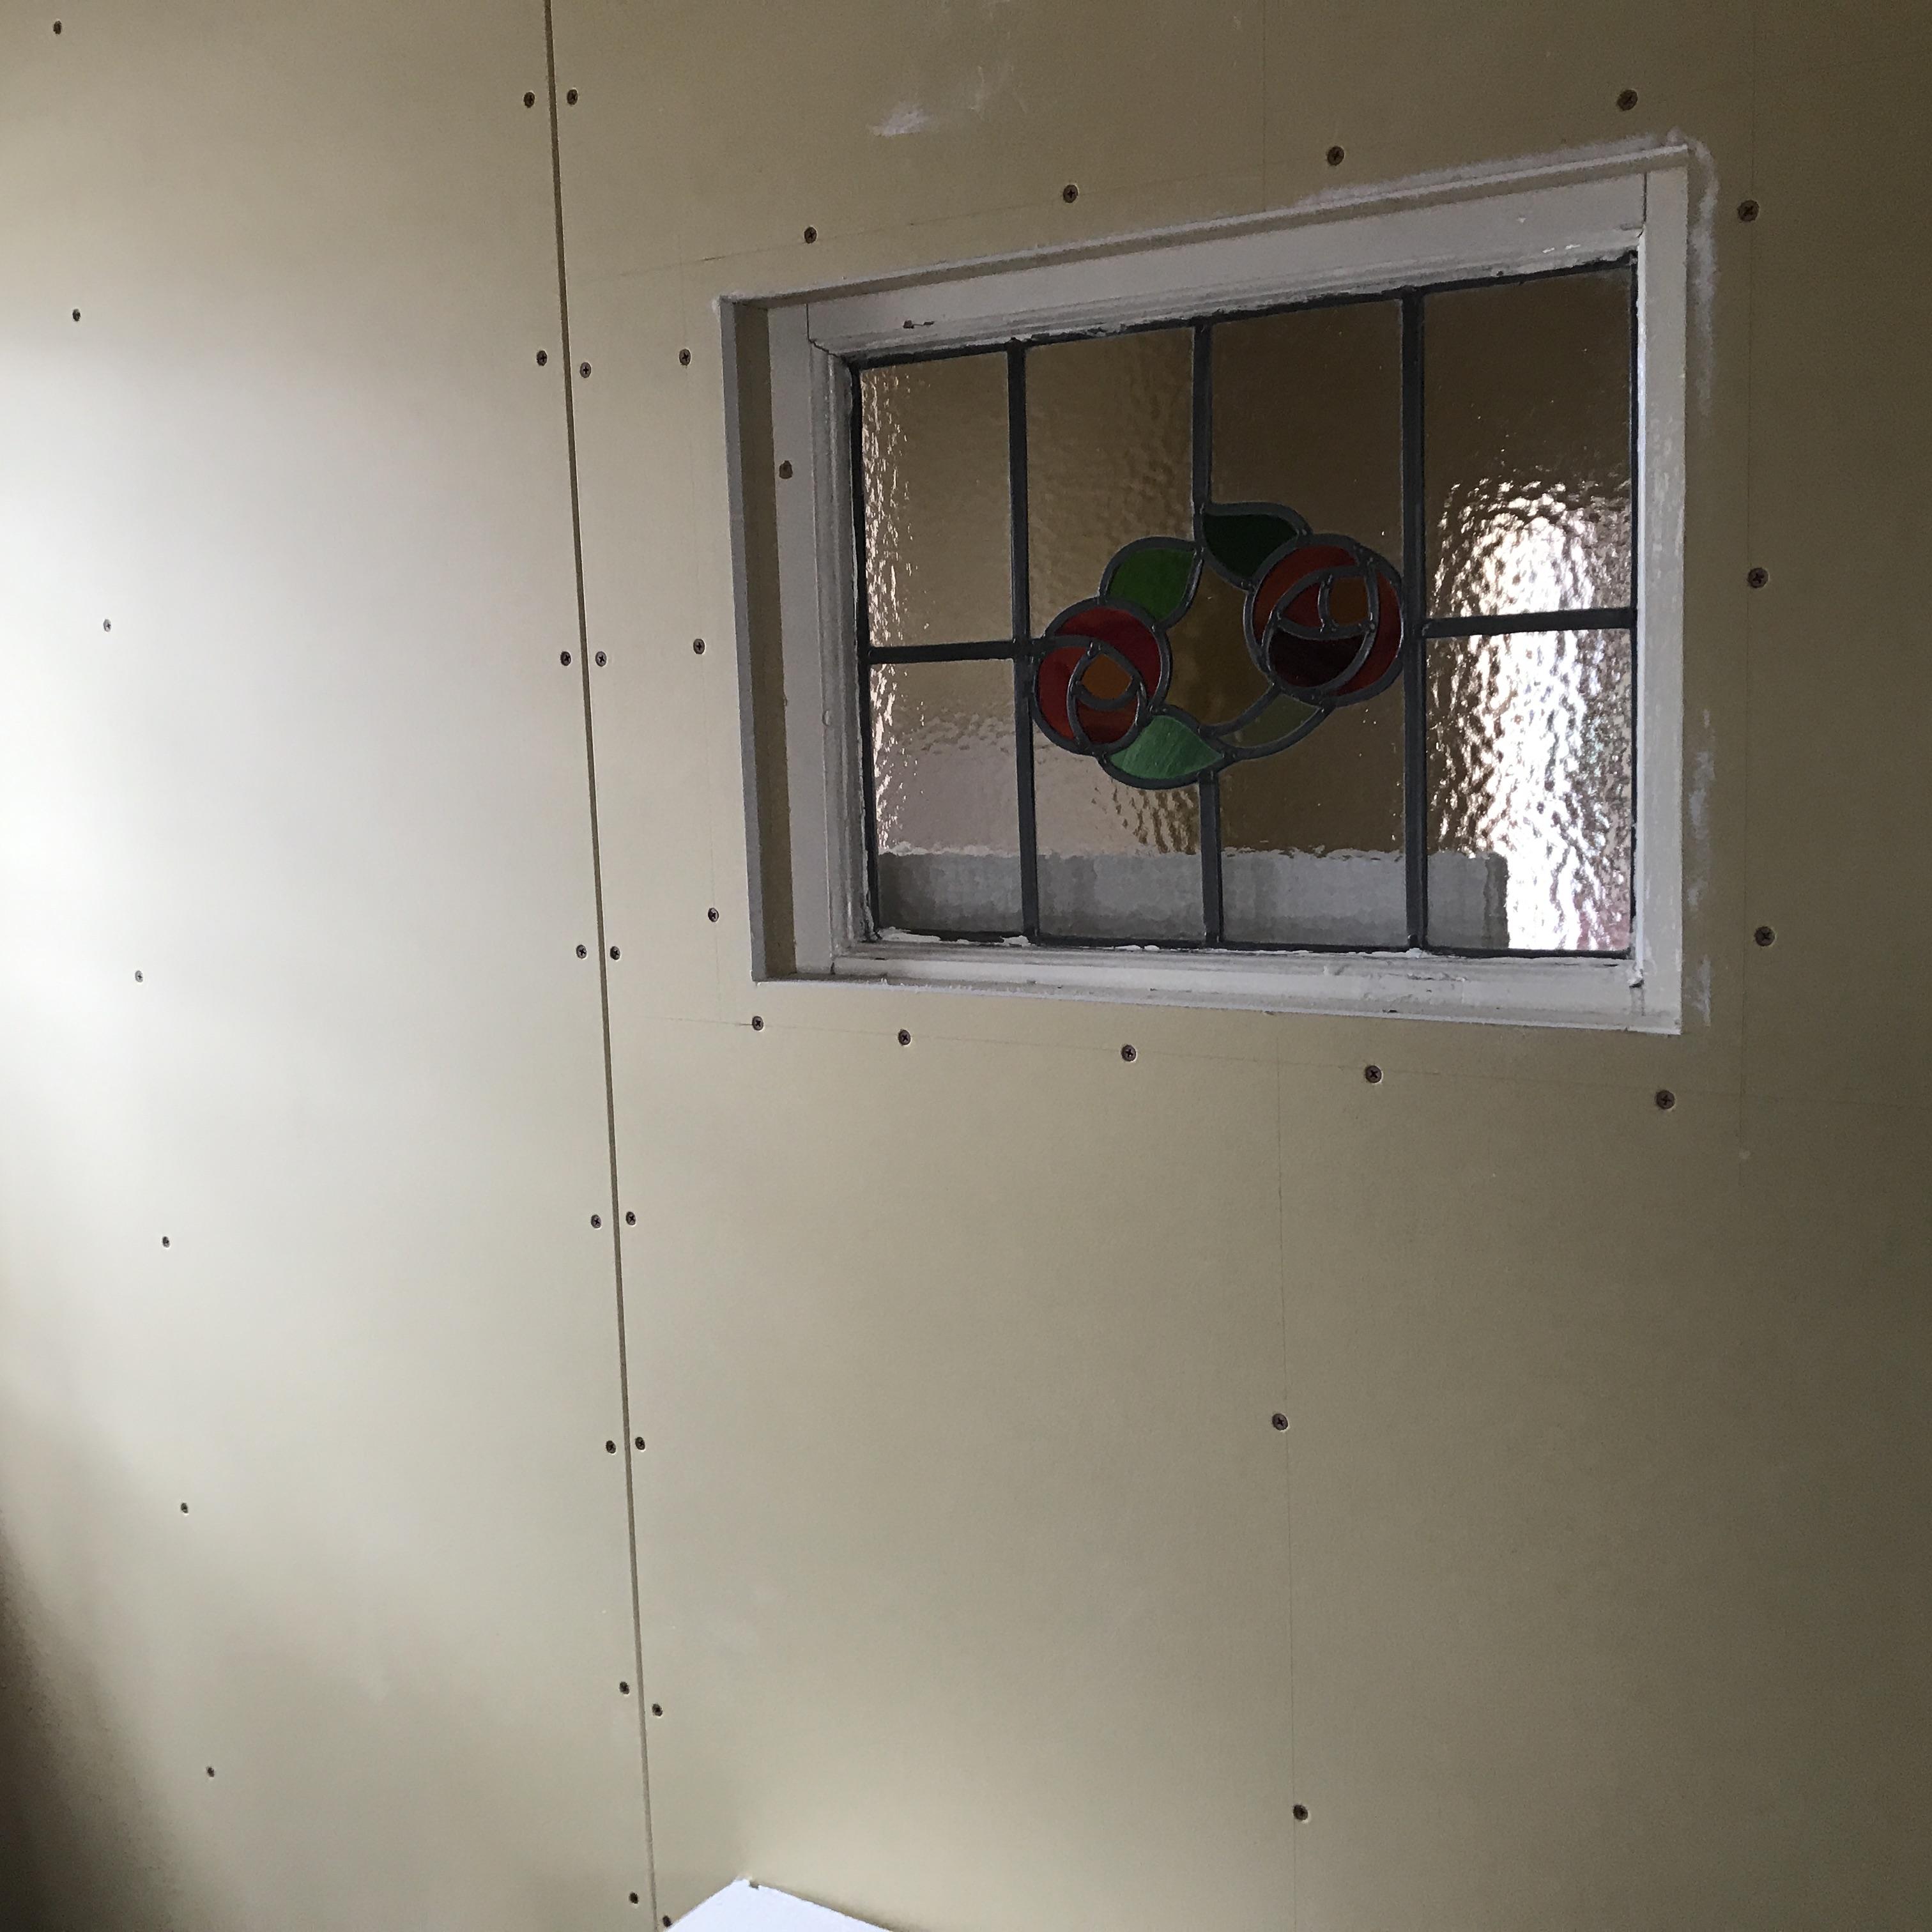 ステンドグラス壁へ埋め込みしました!